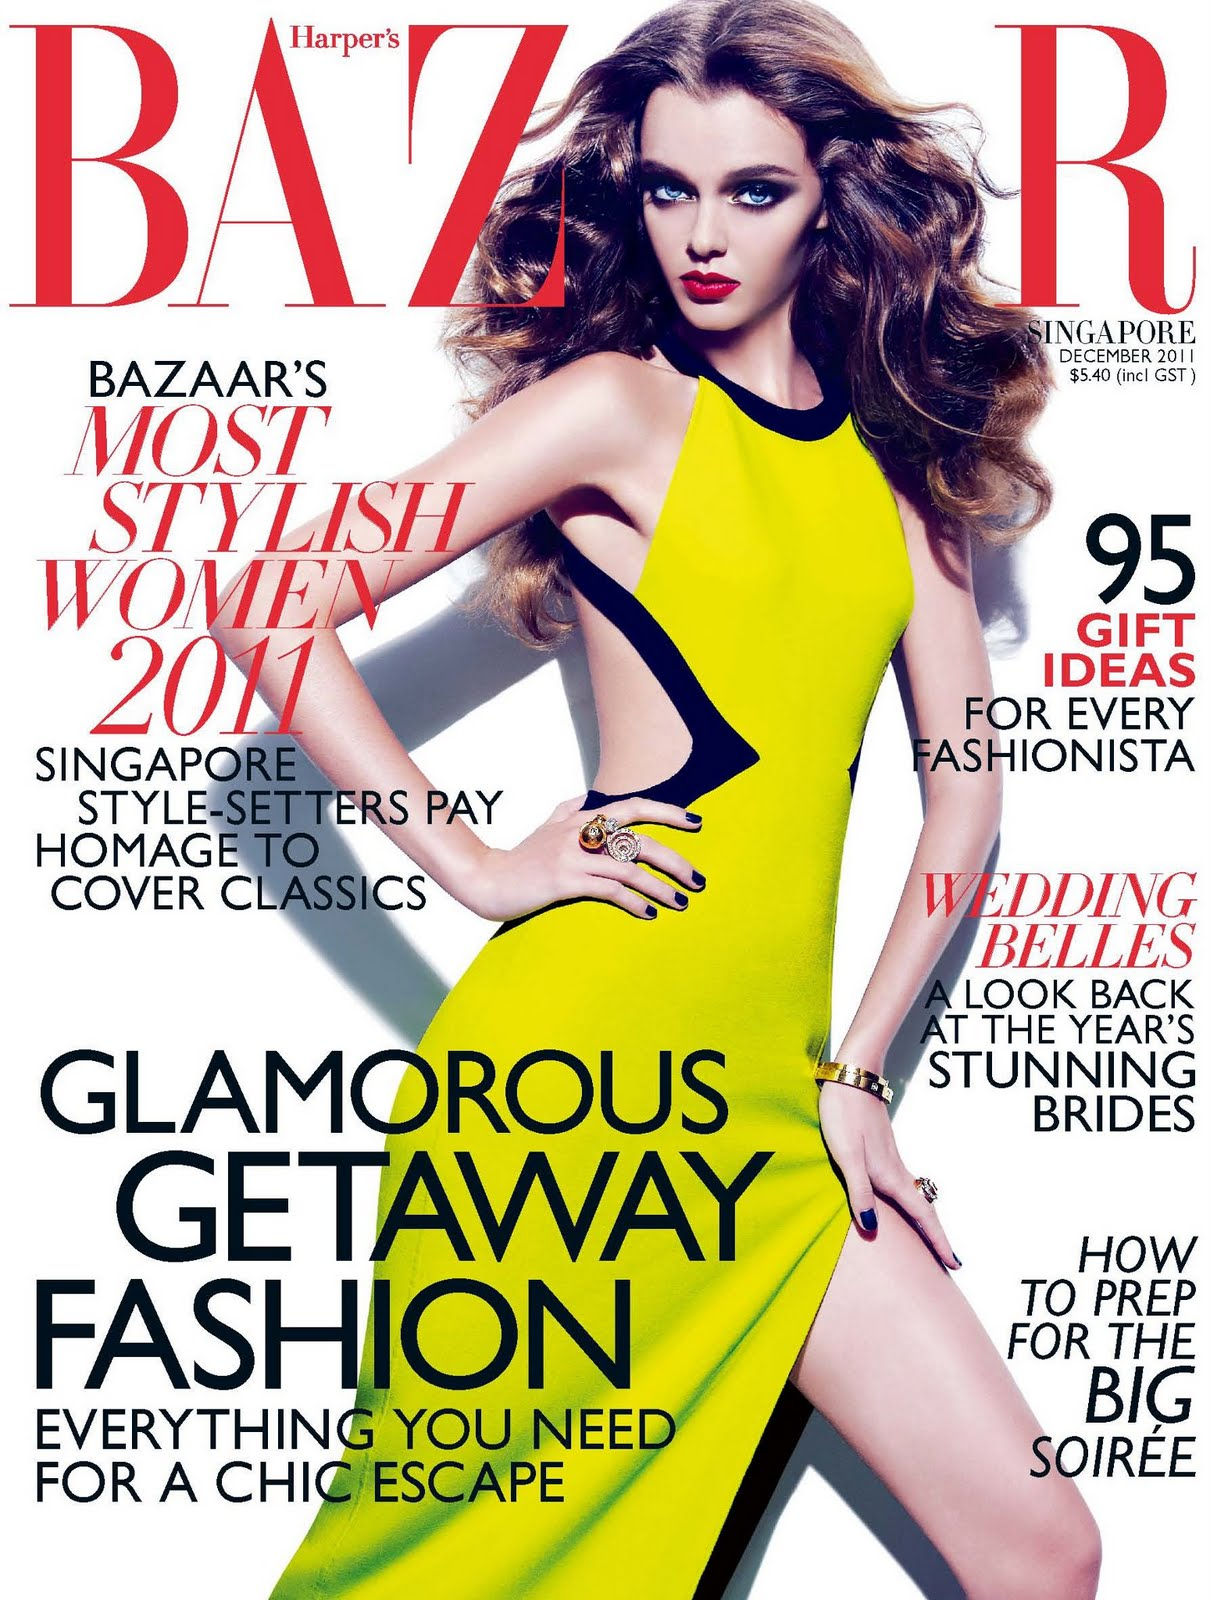 http://2.bp.blogspot.com/-mLVeQMHs16E/TtofALFZASI/AAAAAAAASs8/dXB7QK4K6zw/s1600/Harpers-Bazaar-Singapore-December-2011-Masha-Tylena-Cover.jpg